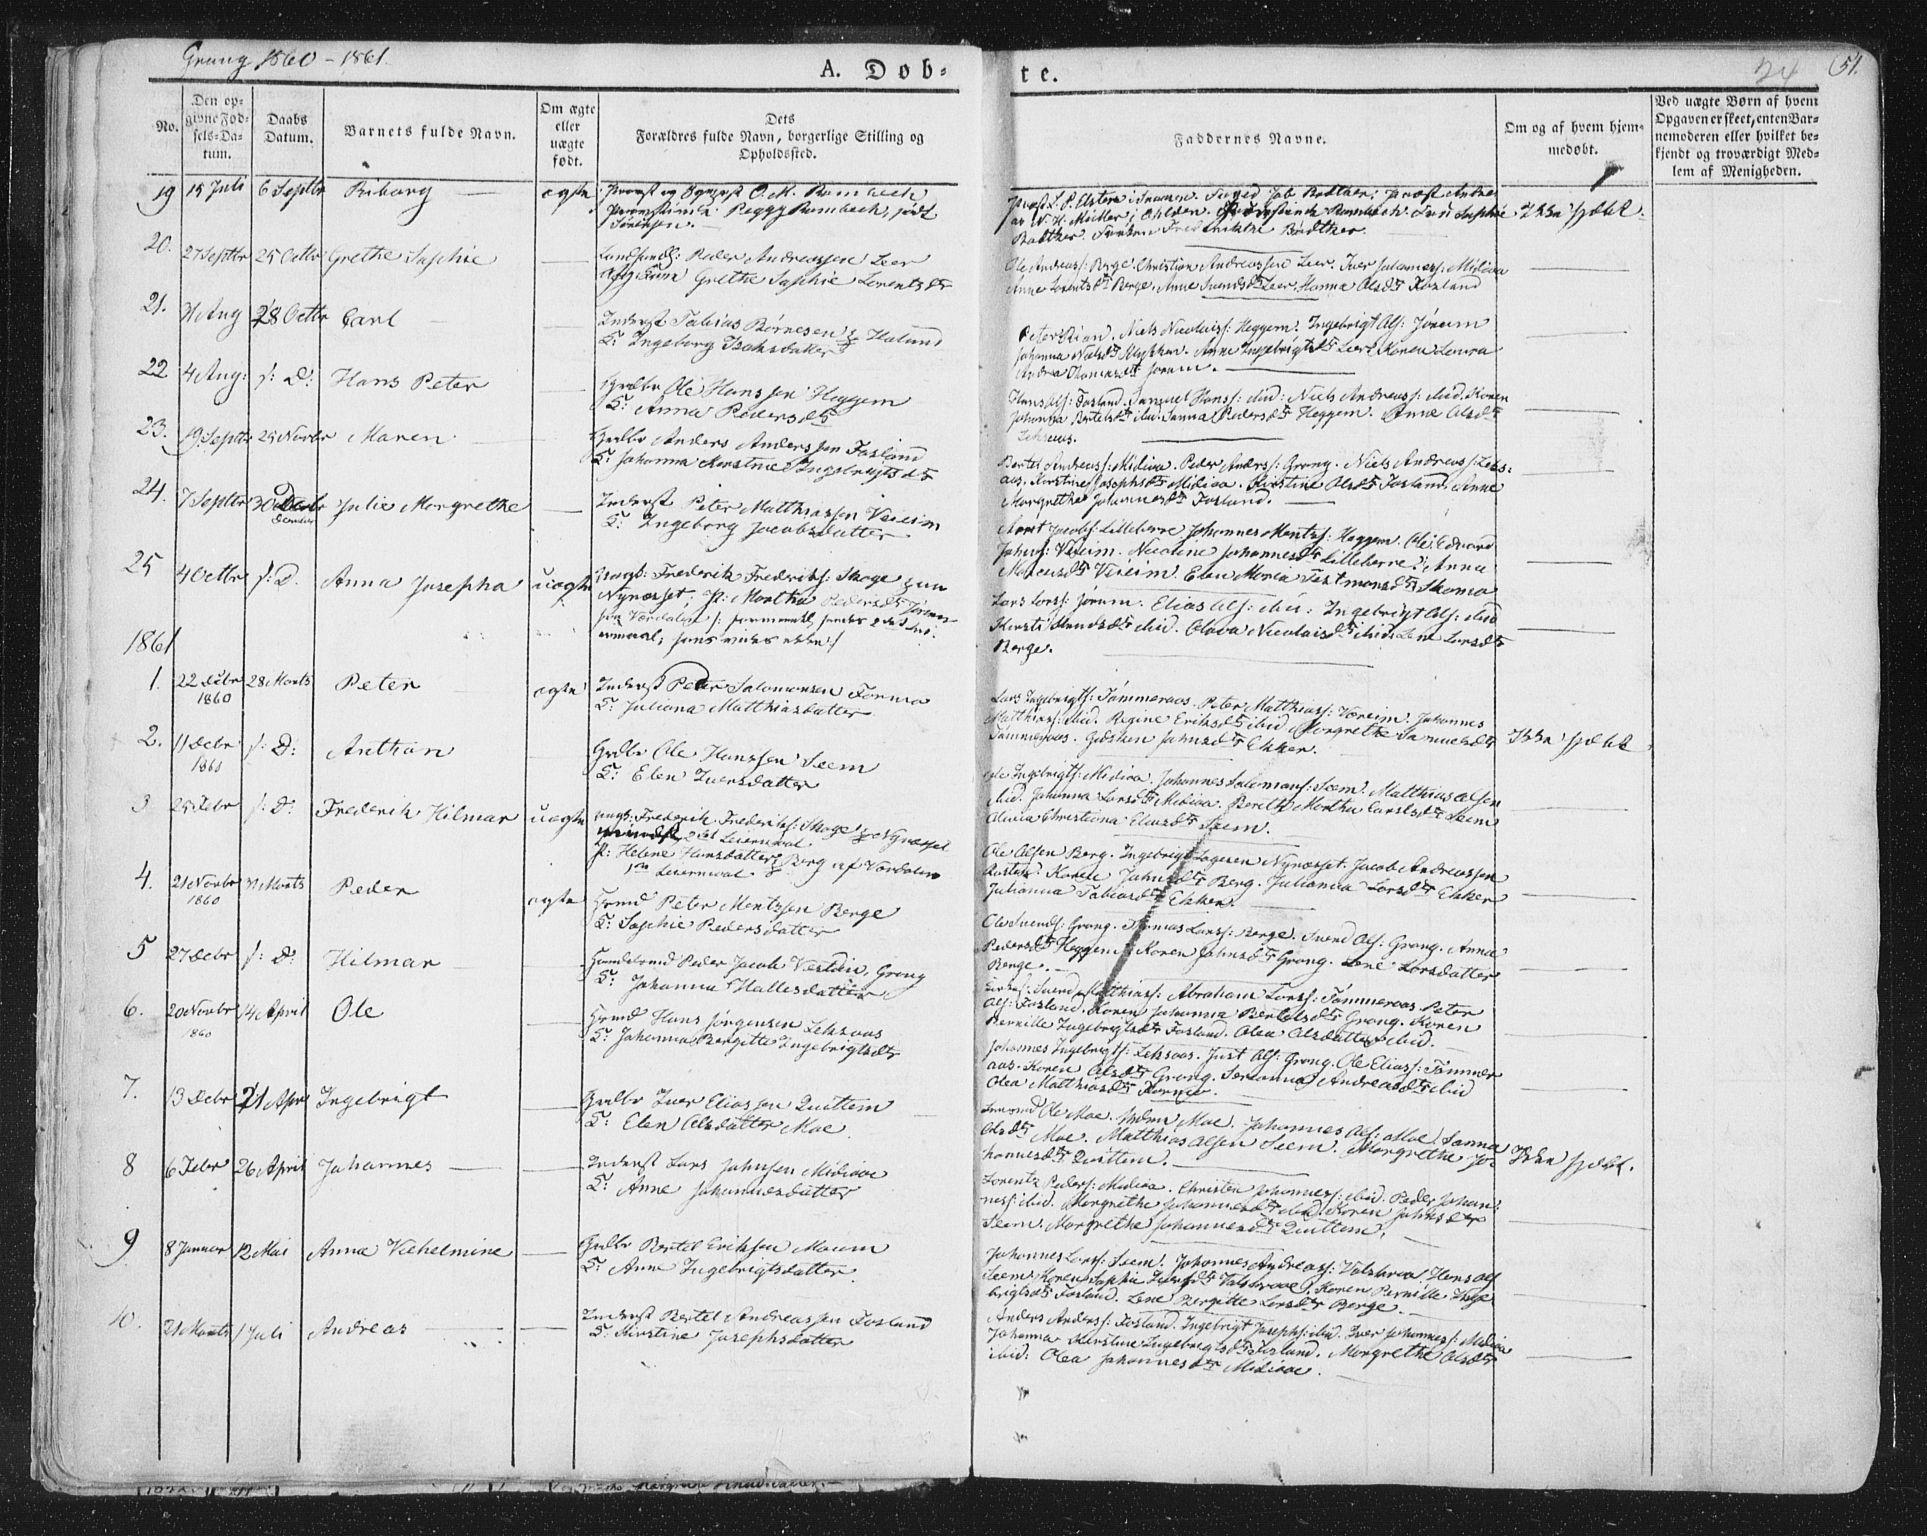 SAT, Ministerialprotokoller, klokkerbøker og fødselsregistre - Nord-Trøndelag, 758/L0513: Ministerialbok nr. 758A02 /1, 1839-1868, s. 24